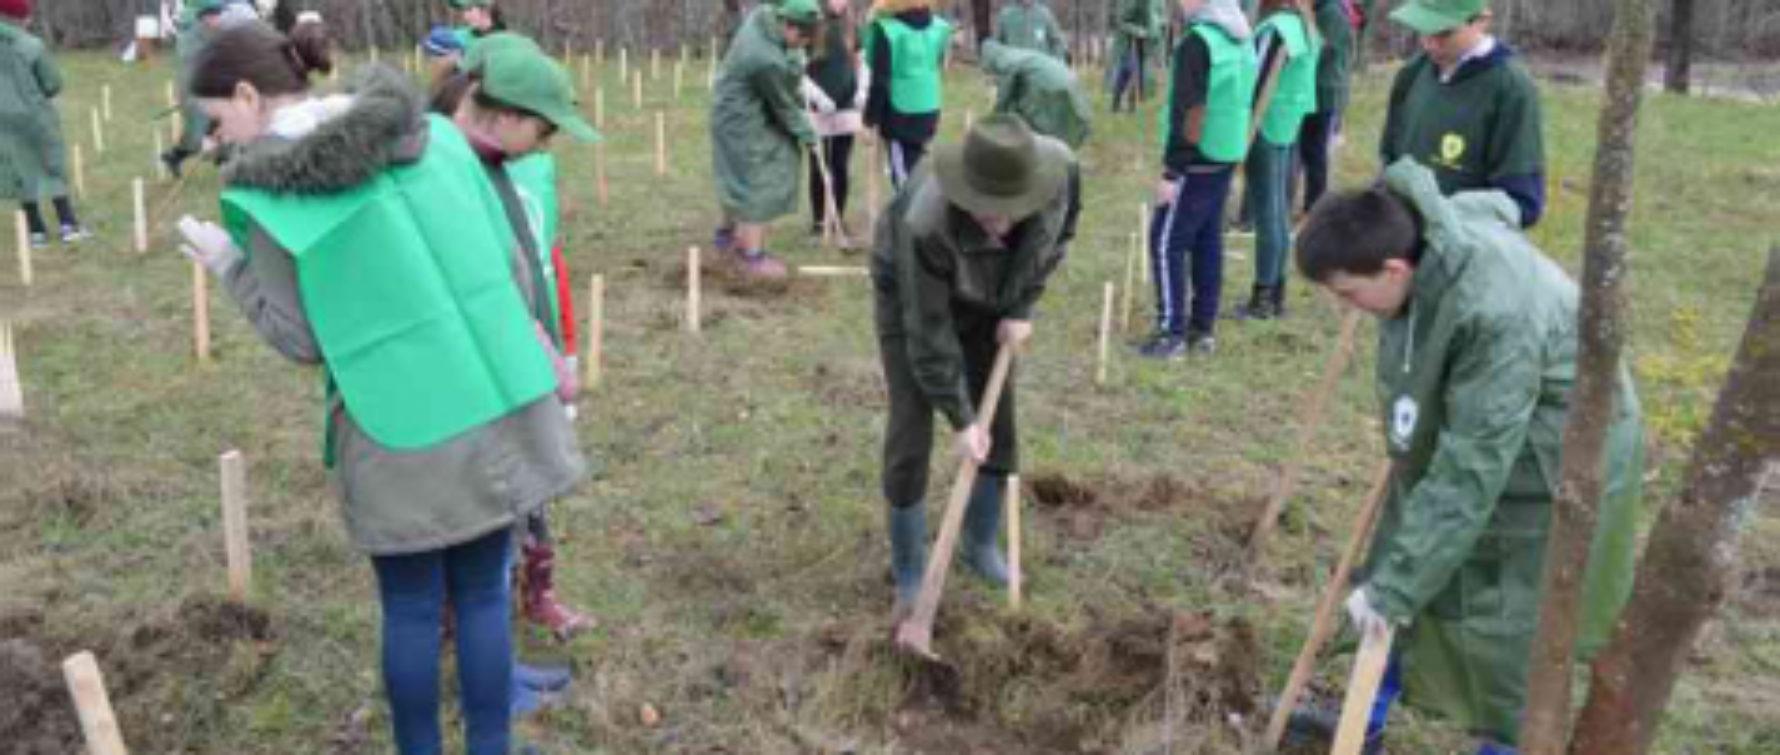 Începe programul de împădurire. Romsilva trimite puieți pentru plantare în județul Brașov